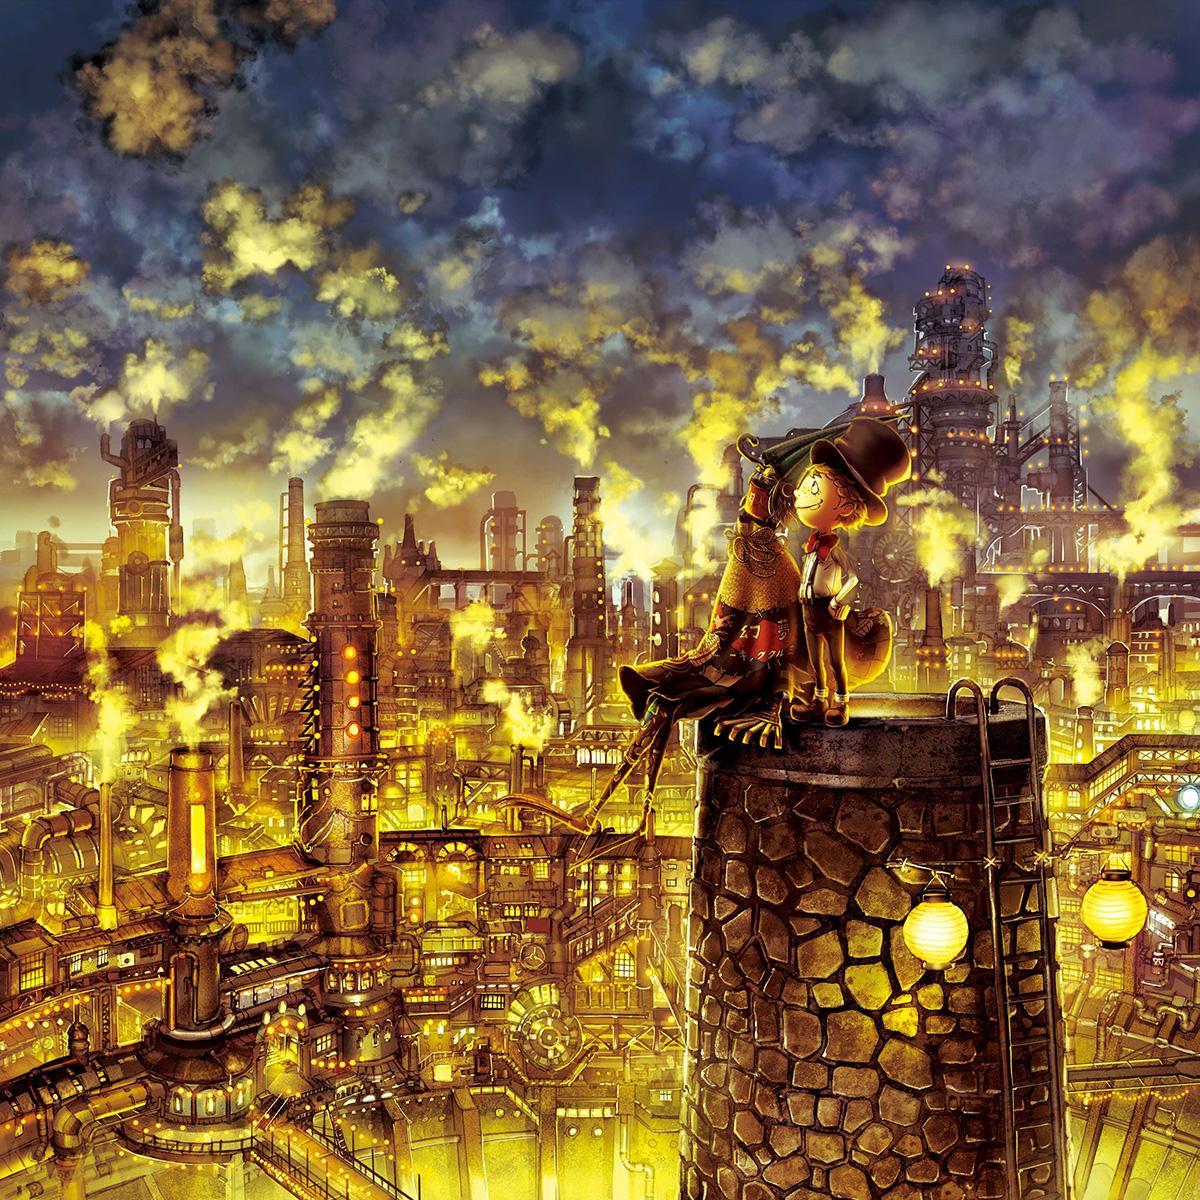 絵本「えんとつ町のプペル」のイメージ(画像提供=名古屋テレビ塔)